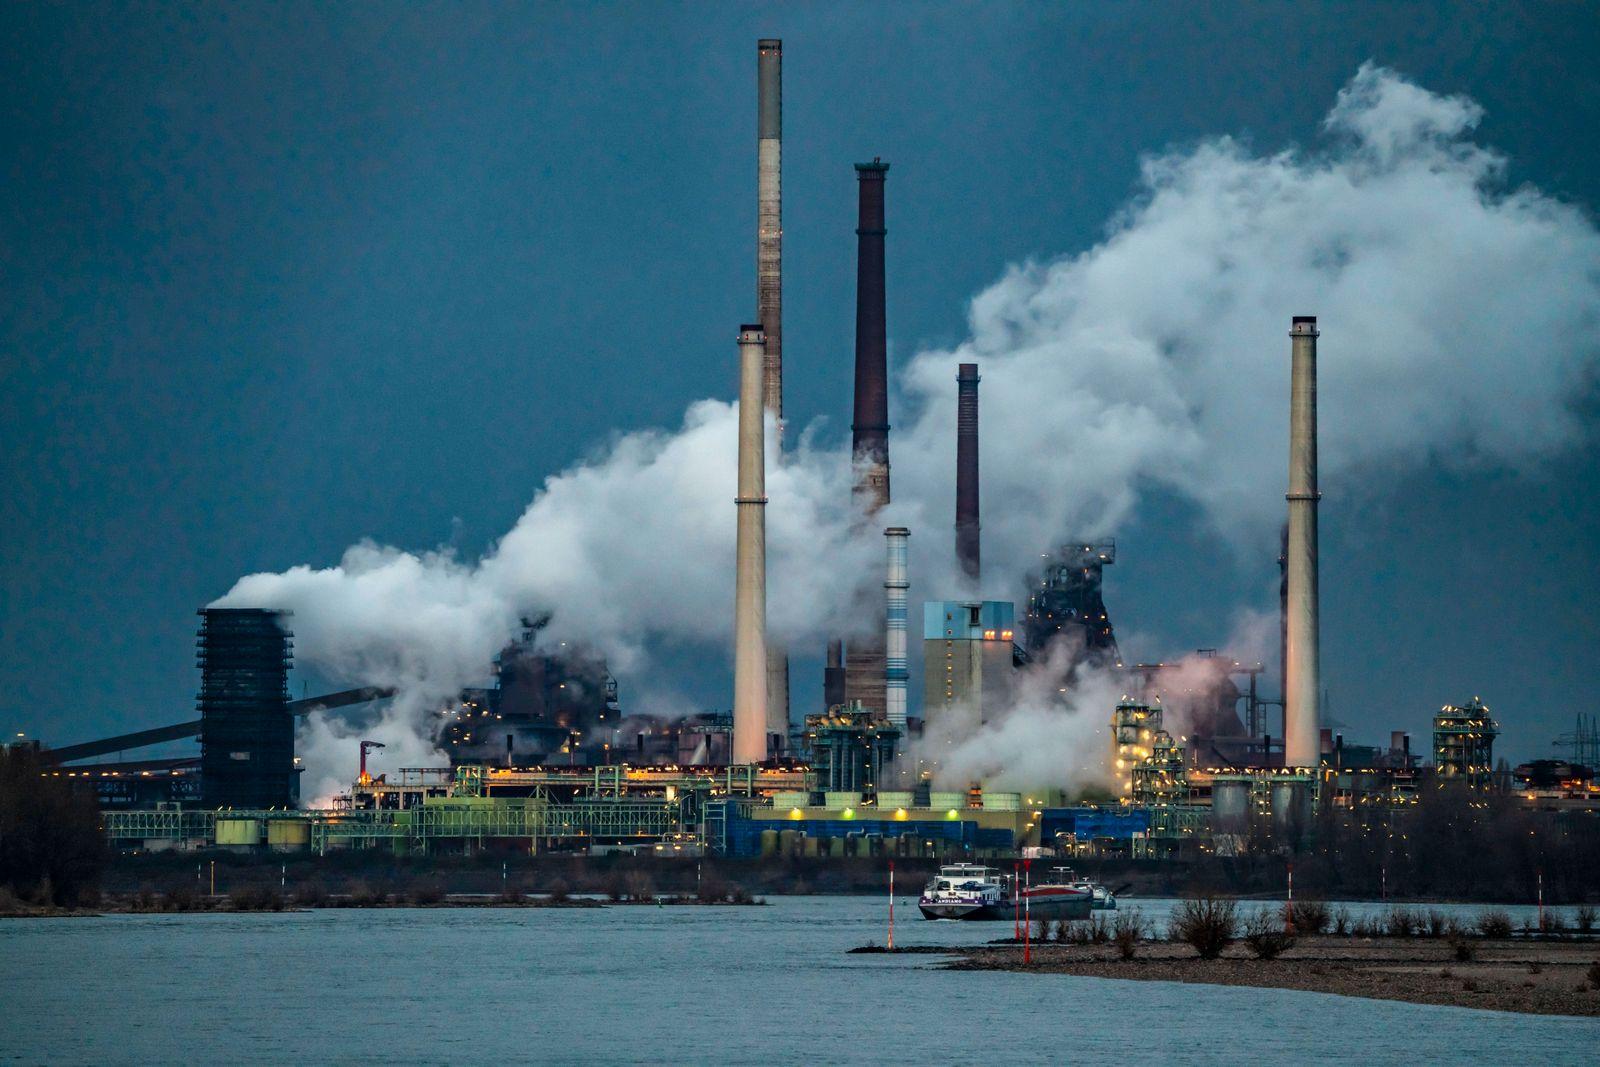 Rhein bei Duisburg Bruckhausen, Marxloh, Thyssenkrupp Steel Stahlwerk, Hochˆfen, Sinteranlage, Ablˆschwolke der Kokerei